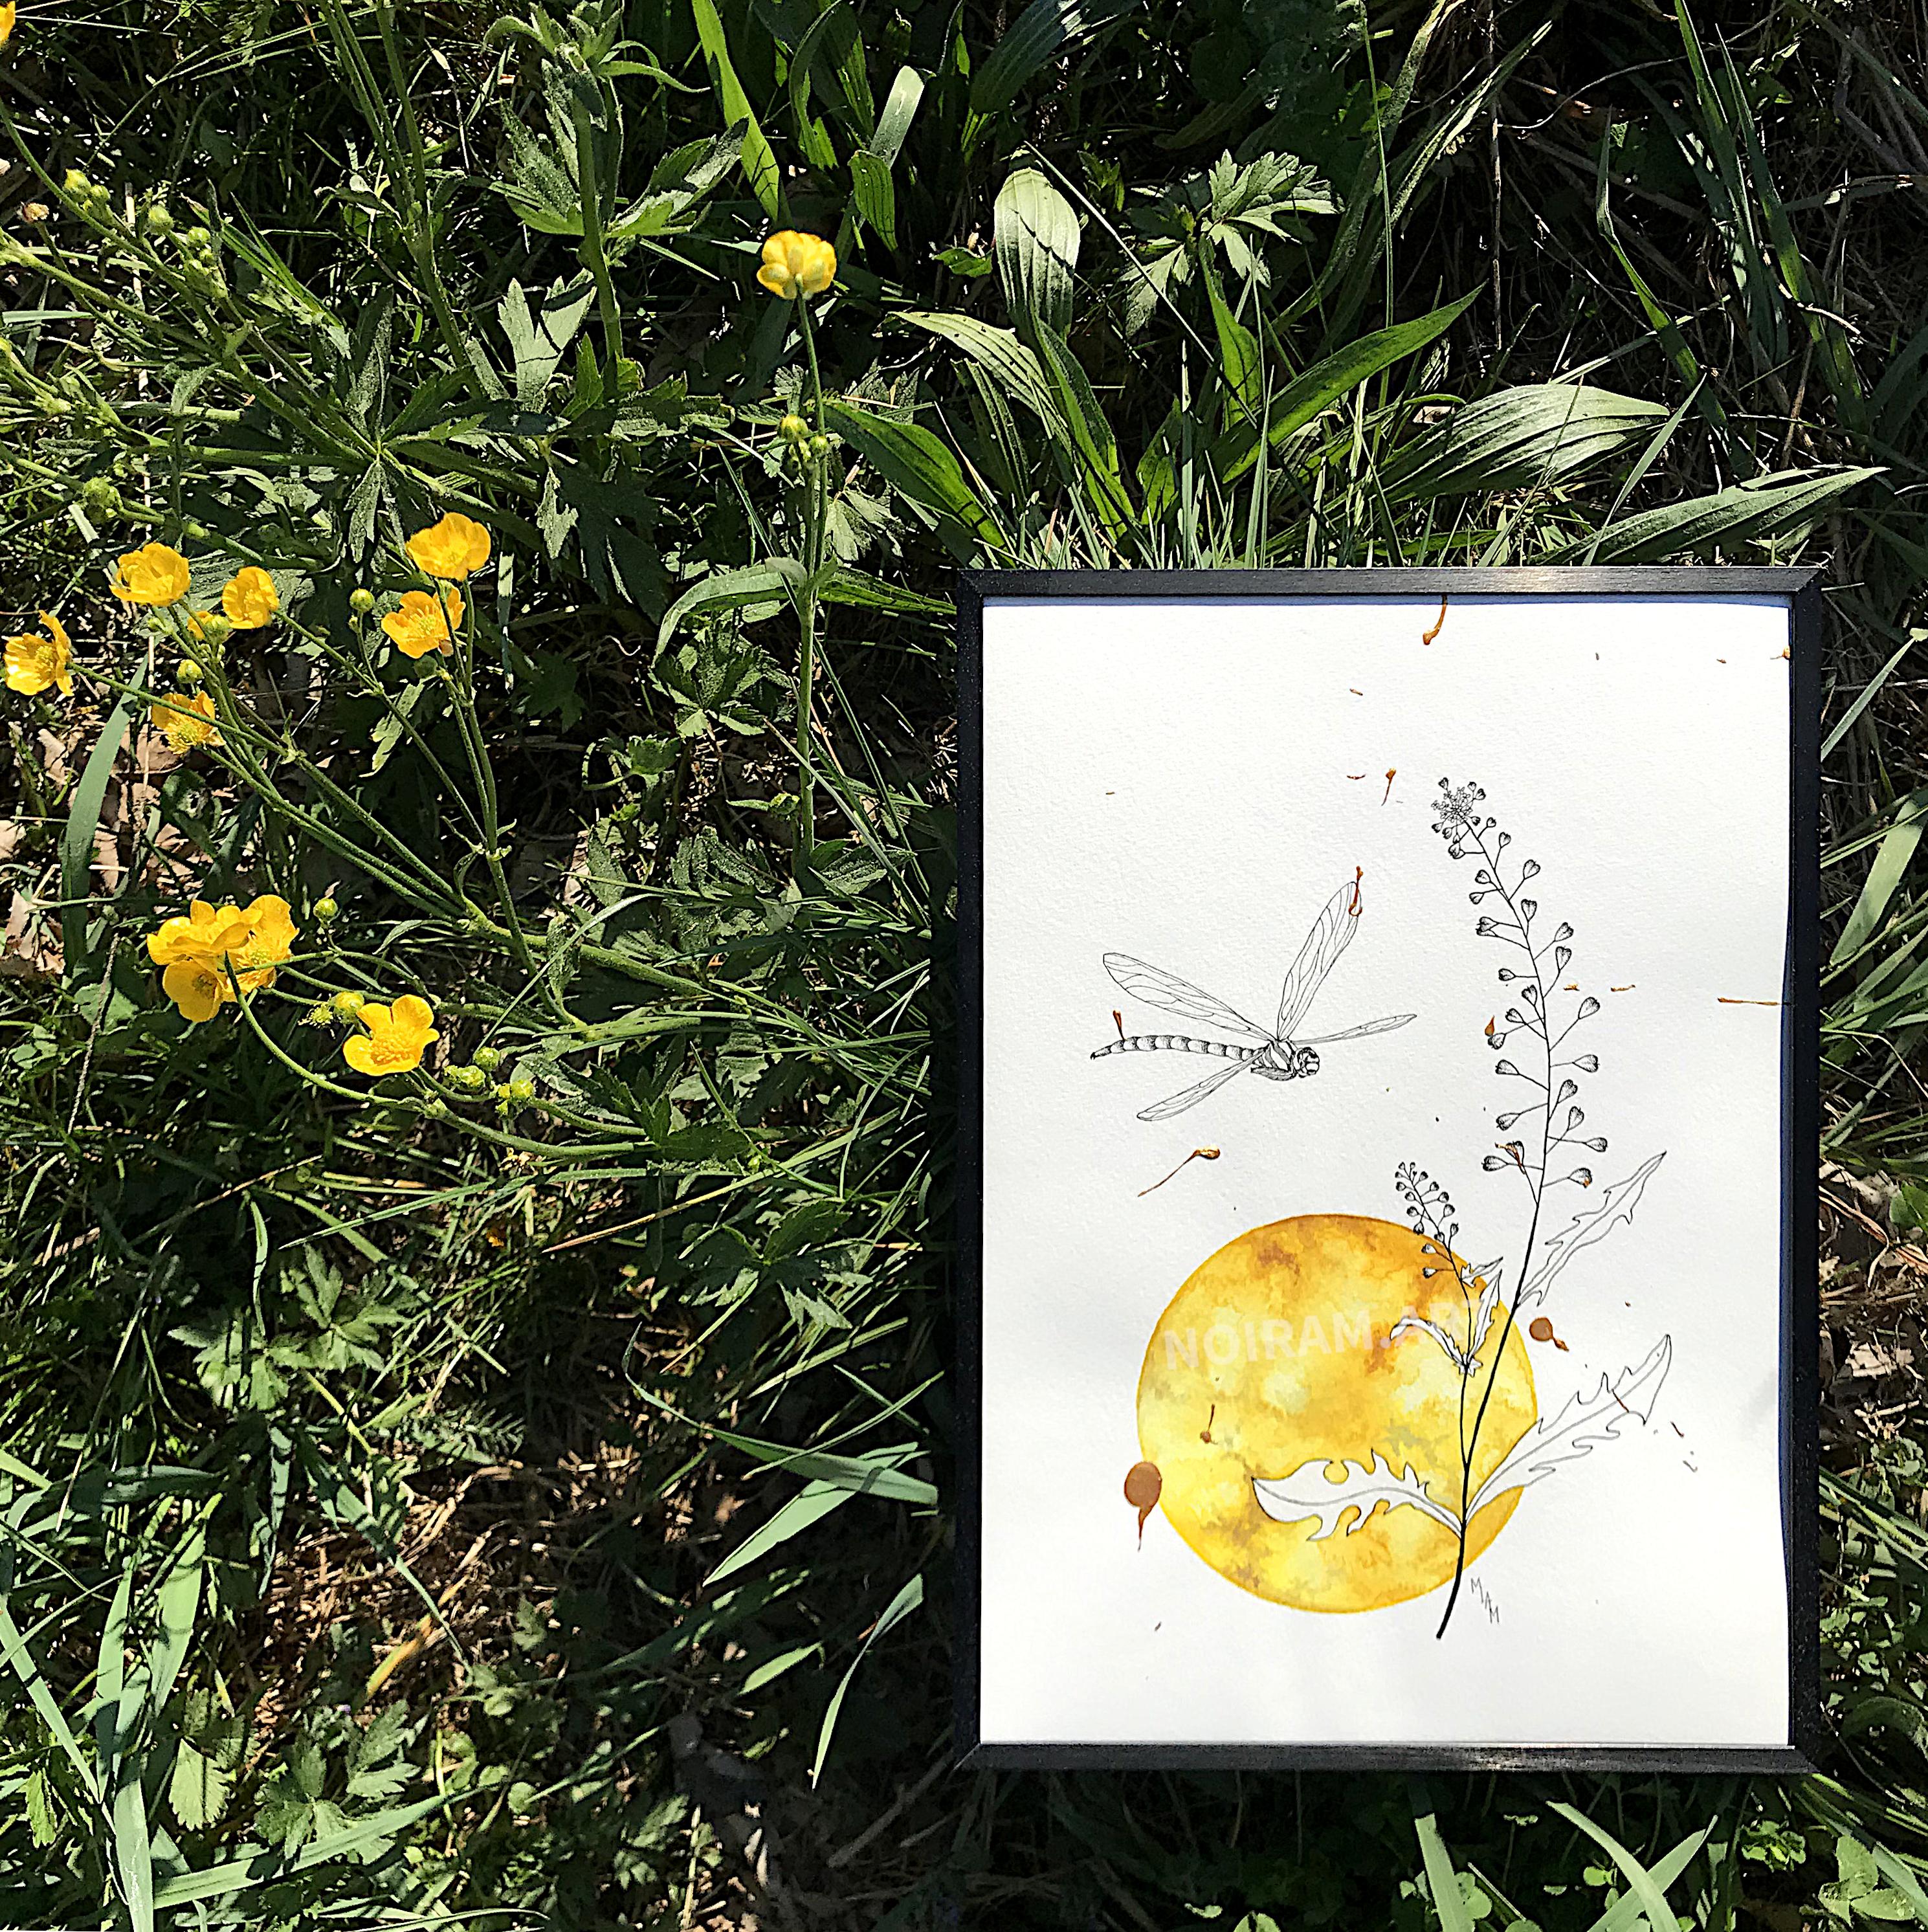 L'or de mes jours aquarelle mlam noiram Poncet libellule bourse à pasteur soleil planète or